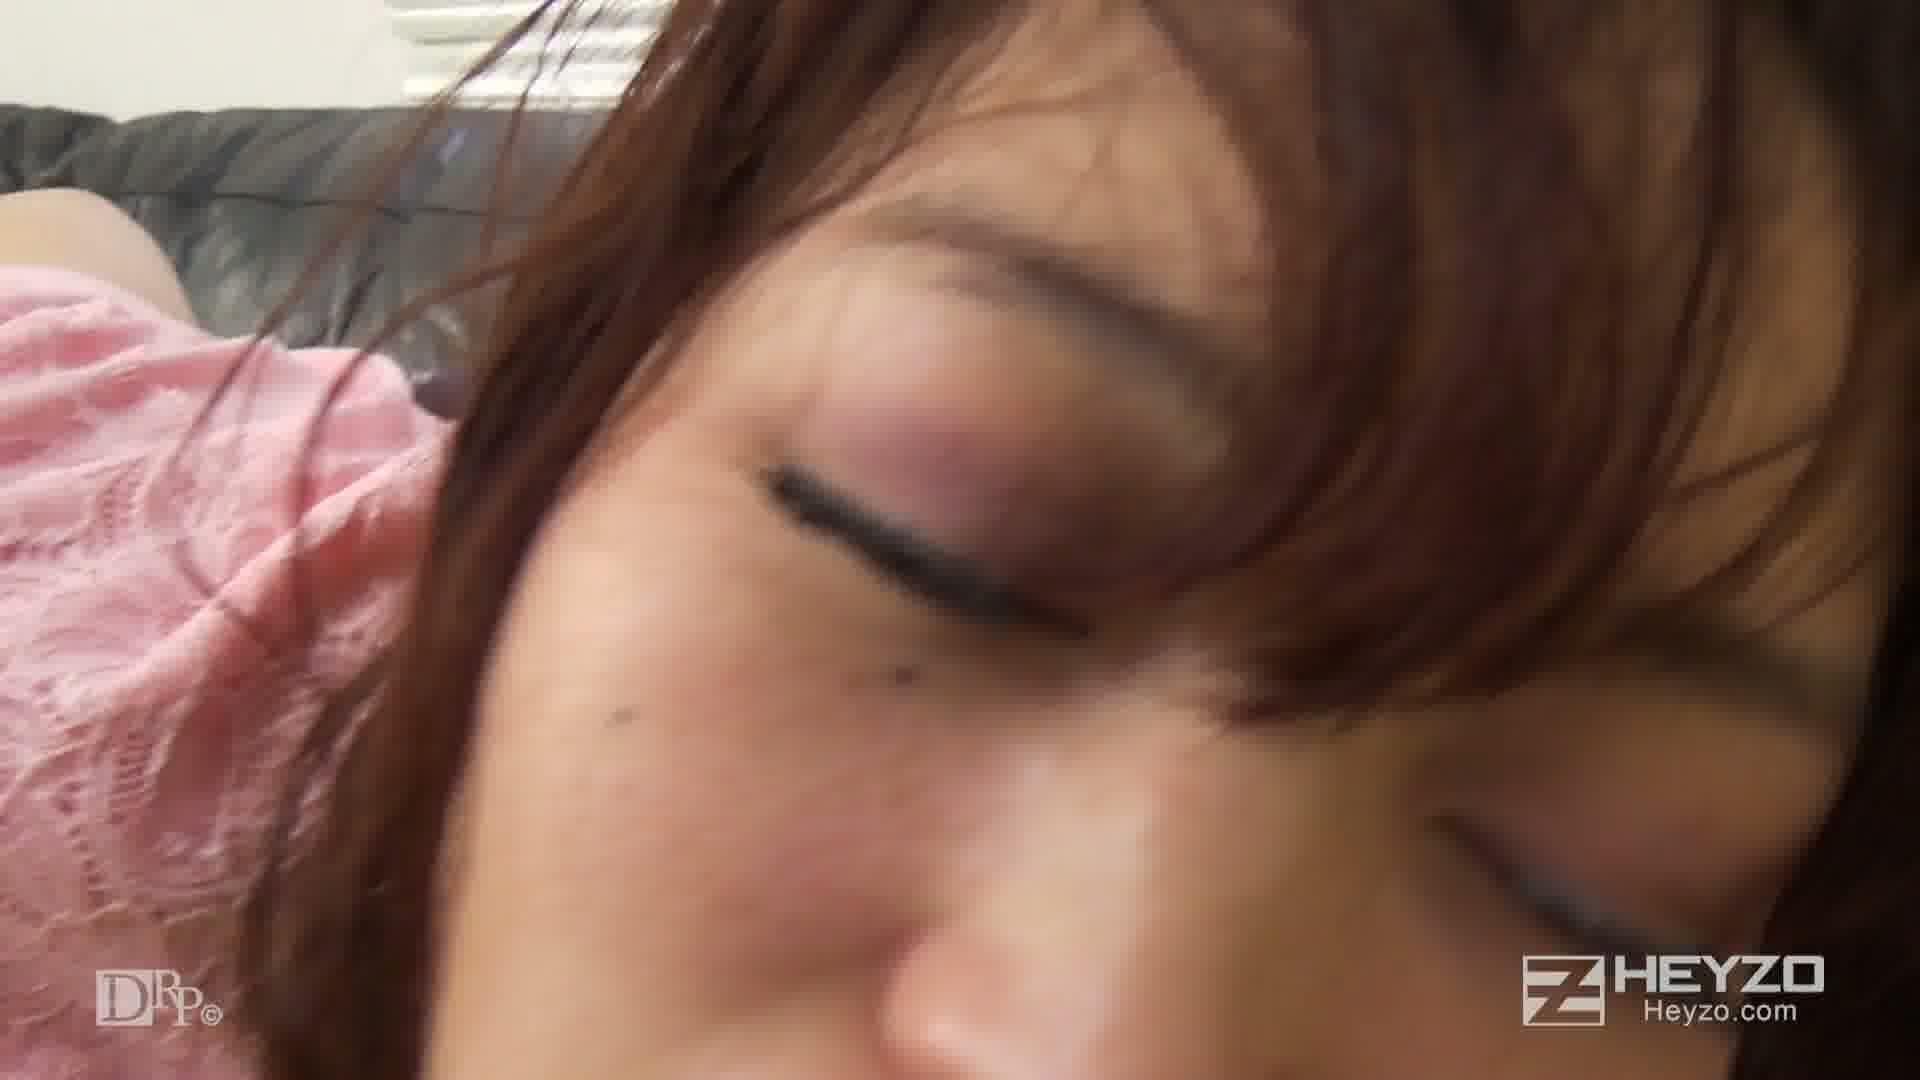 AV女優志望の上京娘 前編 - 高嶋みず穂【ローター 指マン】